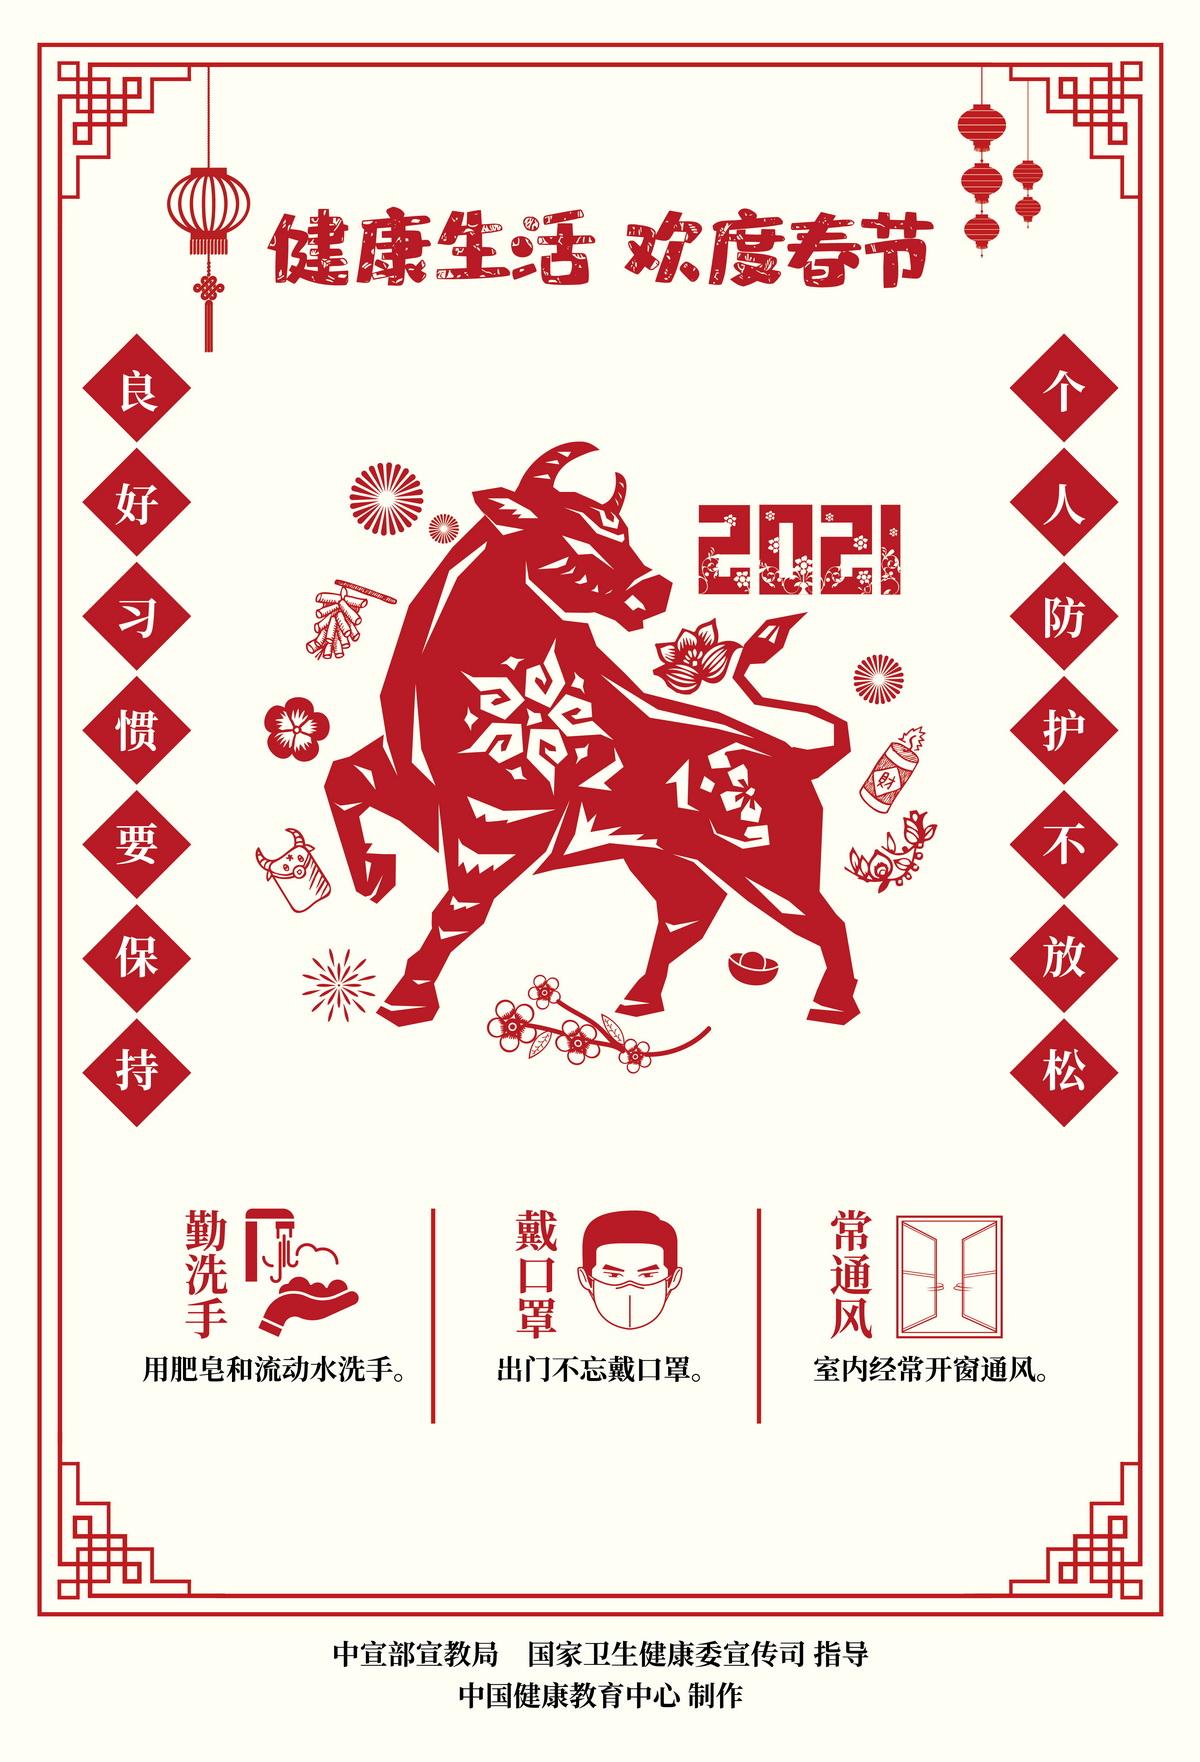 疫情防控知识宣传海报2.jpg